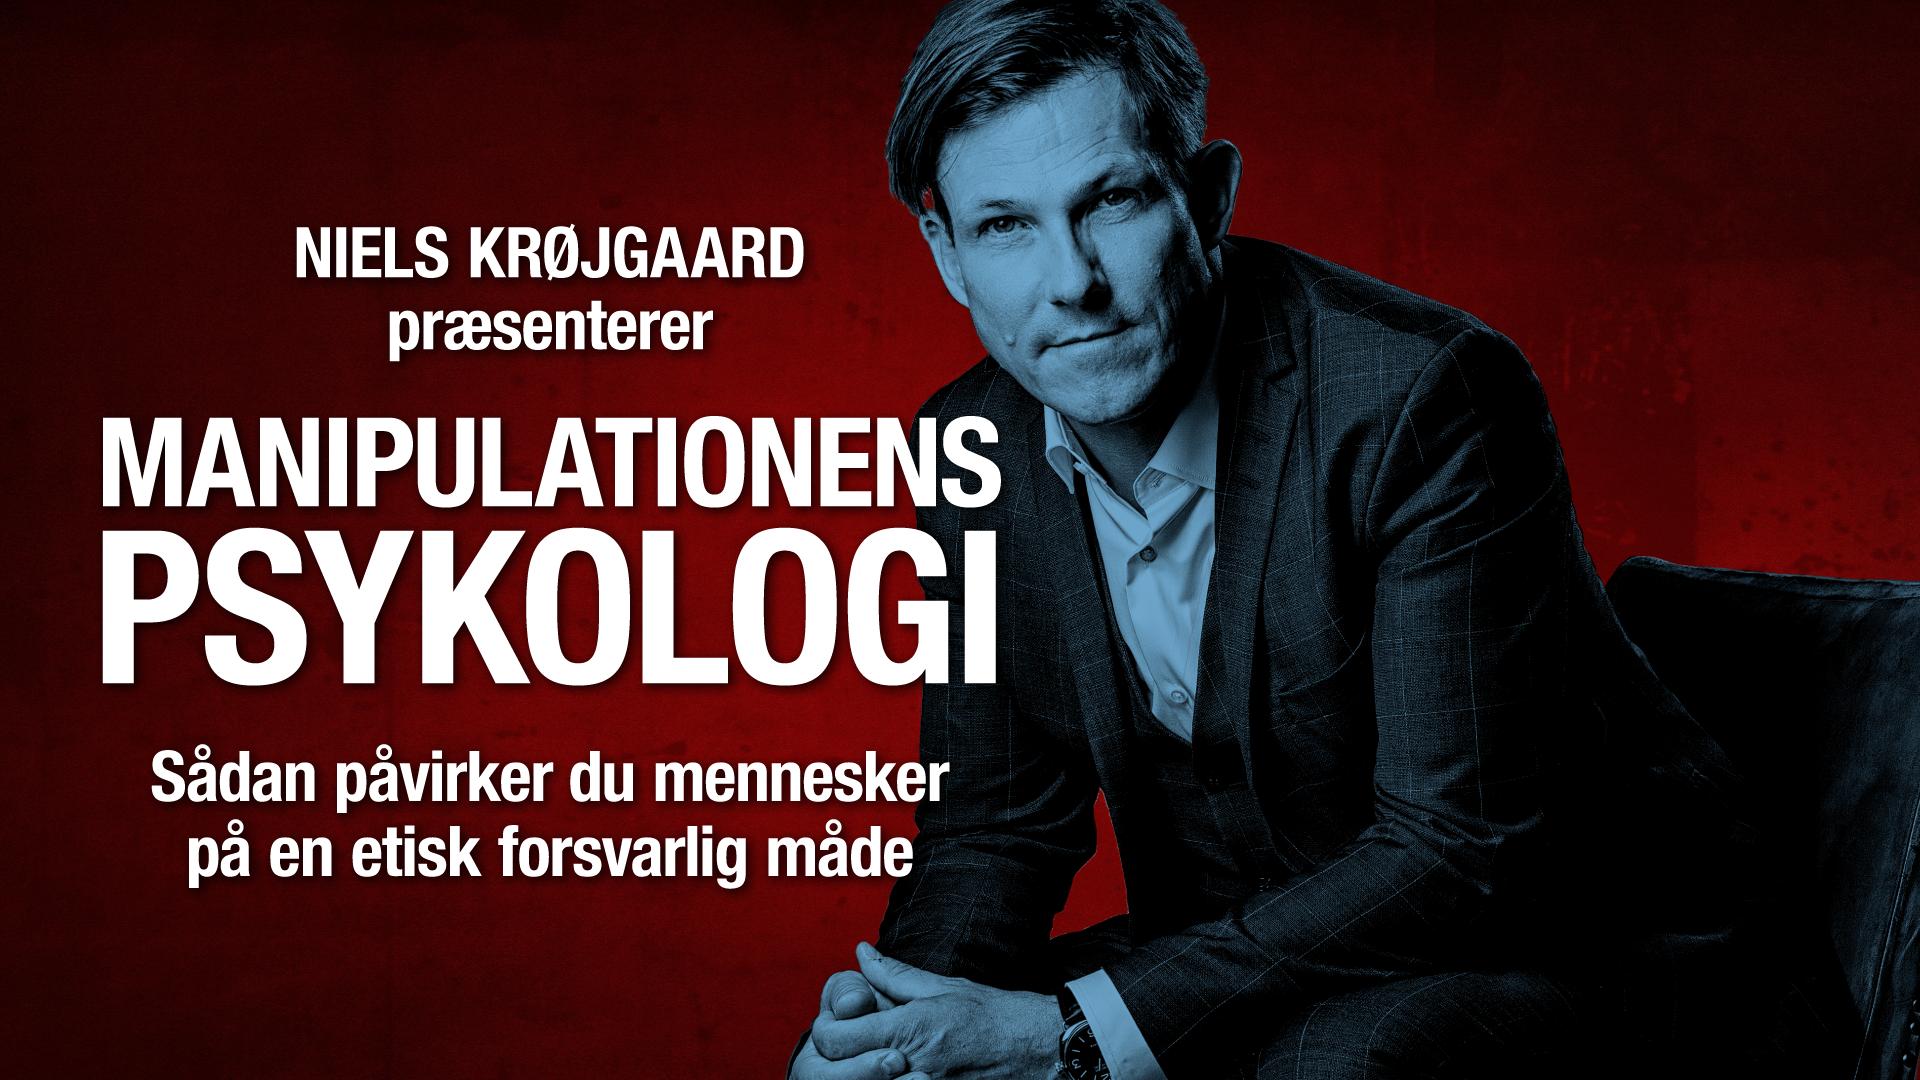 MANIPULATIONENS PSYKOLOGI - Niels Krøjgaard